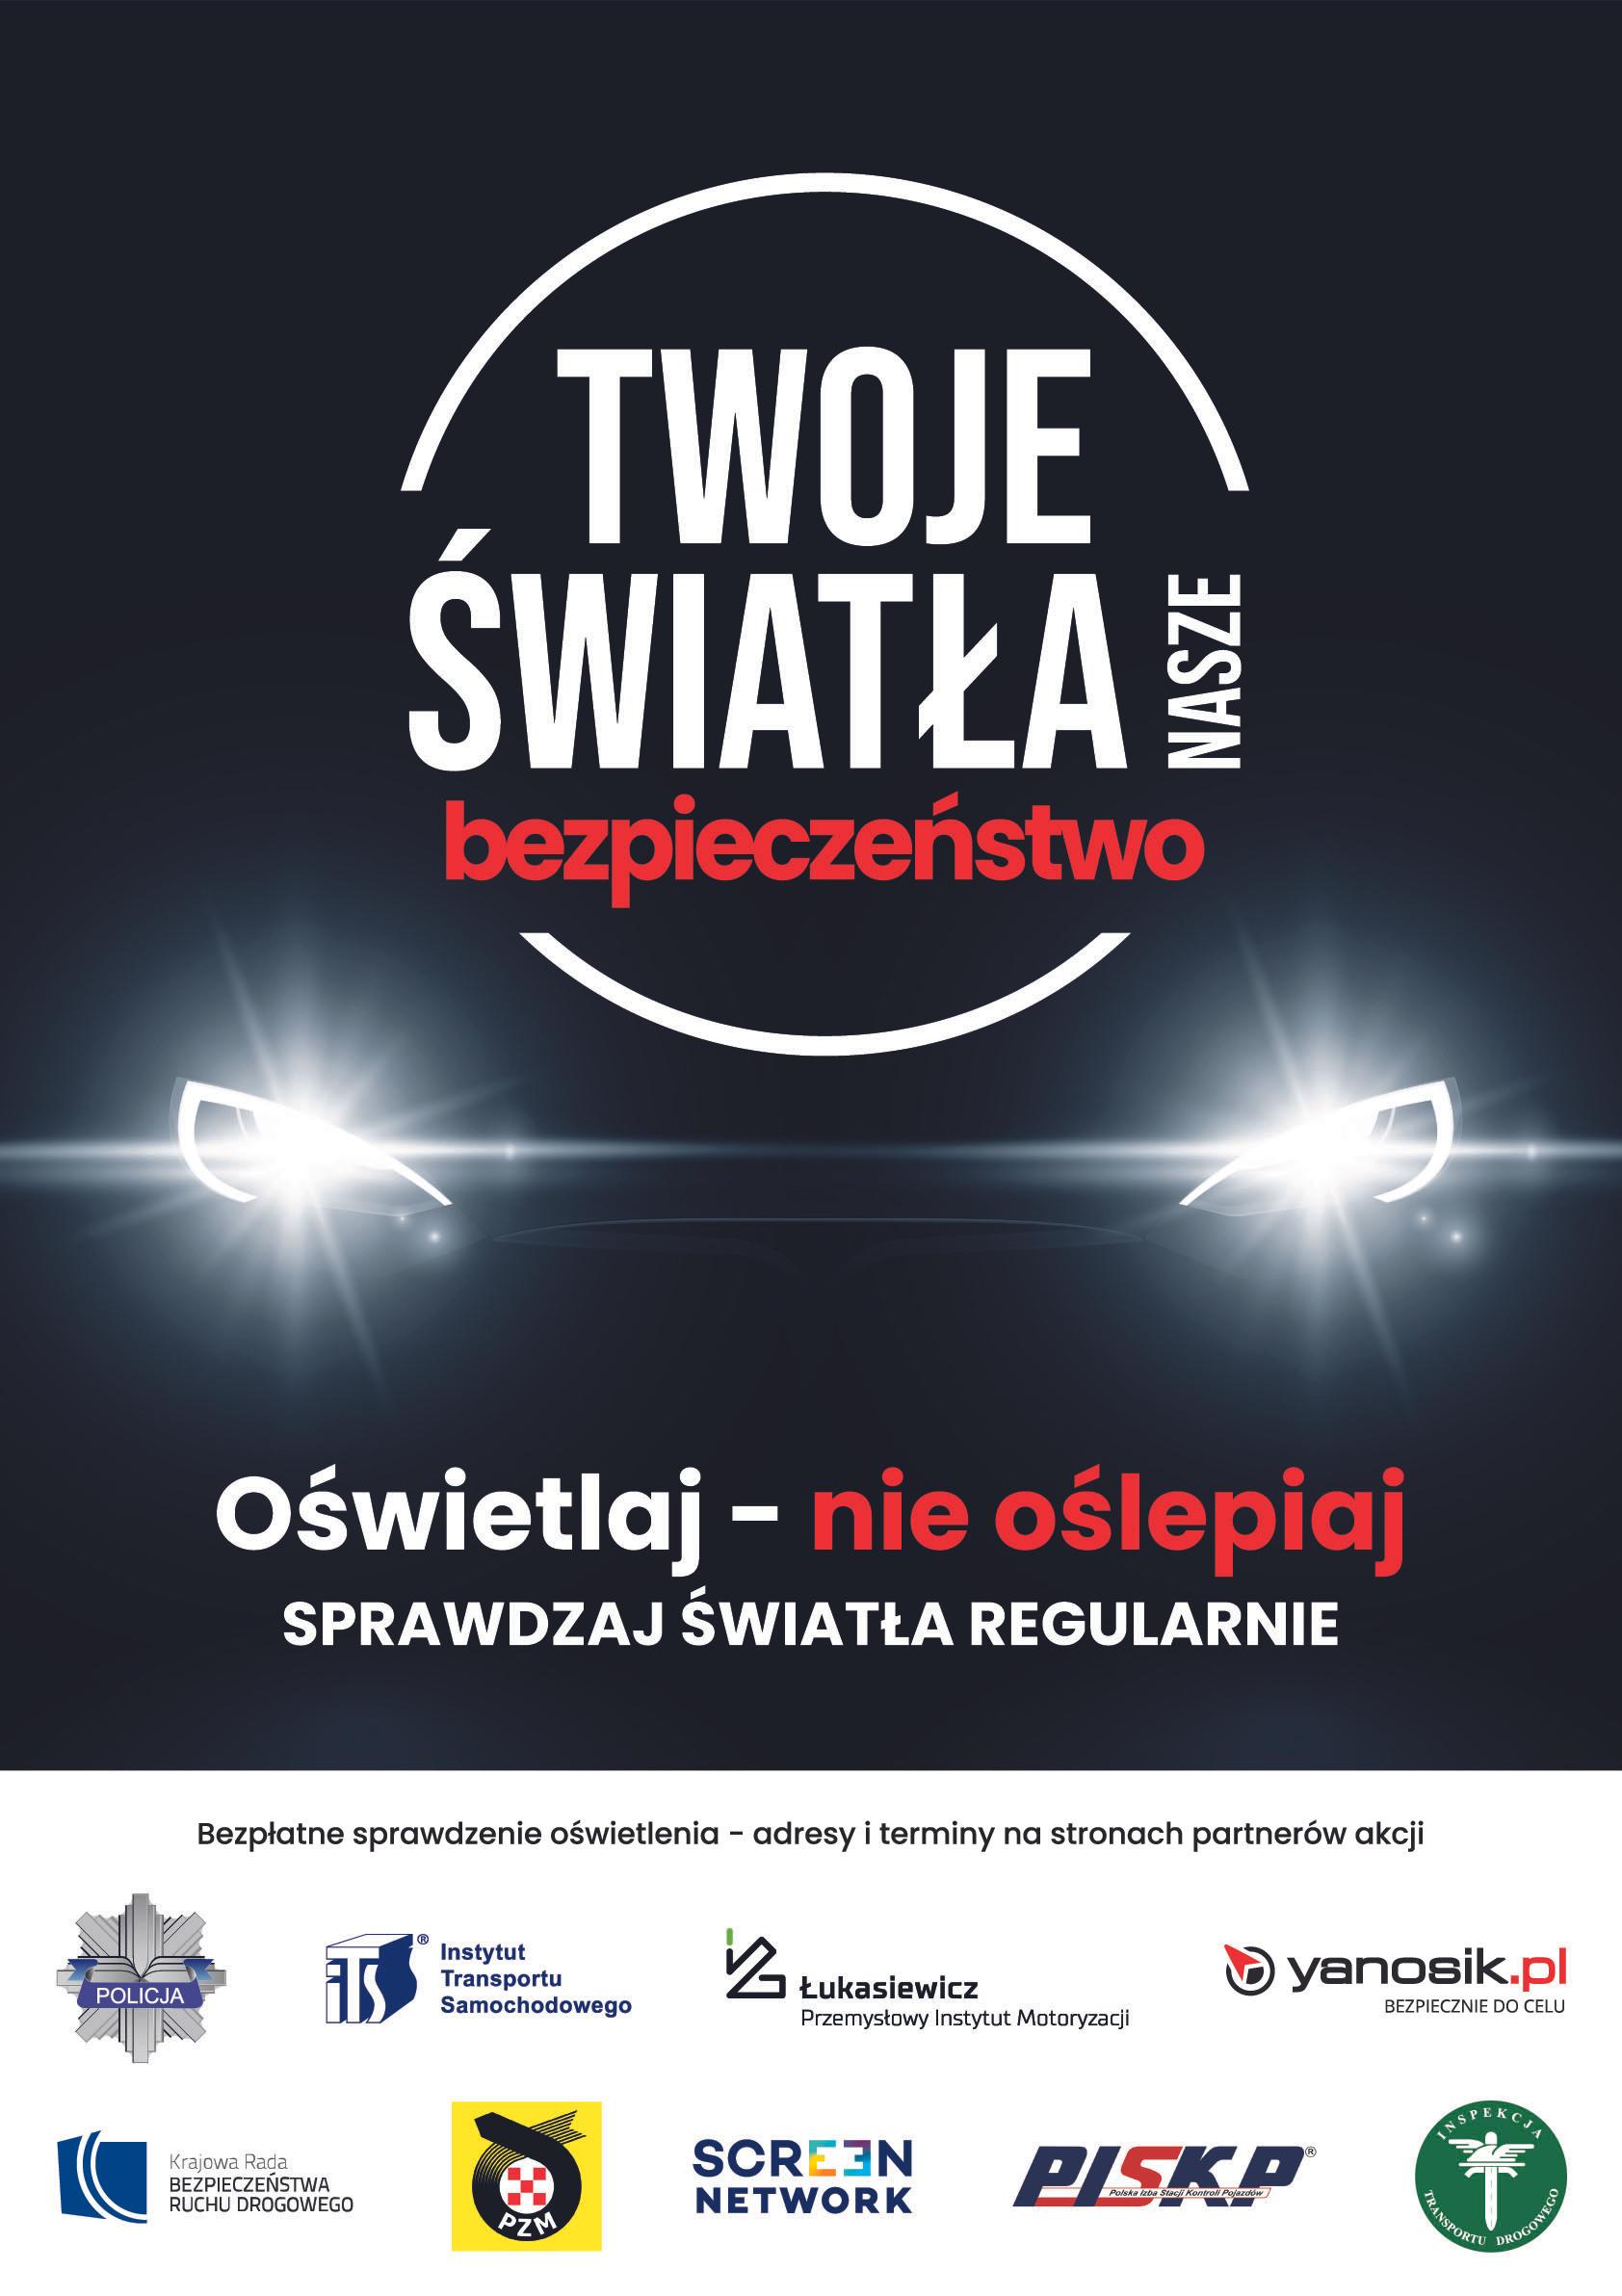 """Bezpłatne sprawdzenie oświetlenia w pojazdach """"Twoje Światła - Nasze Bezpieczeństwo"""" – wspólna akcja Stacji Kontroli Pojazdów z Policją"""